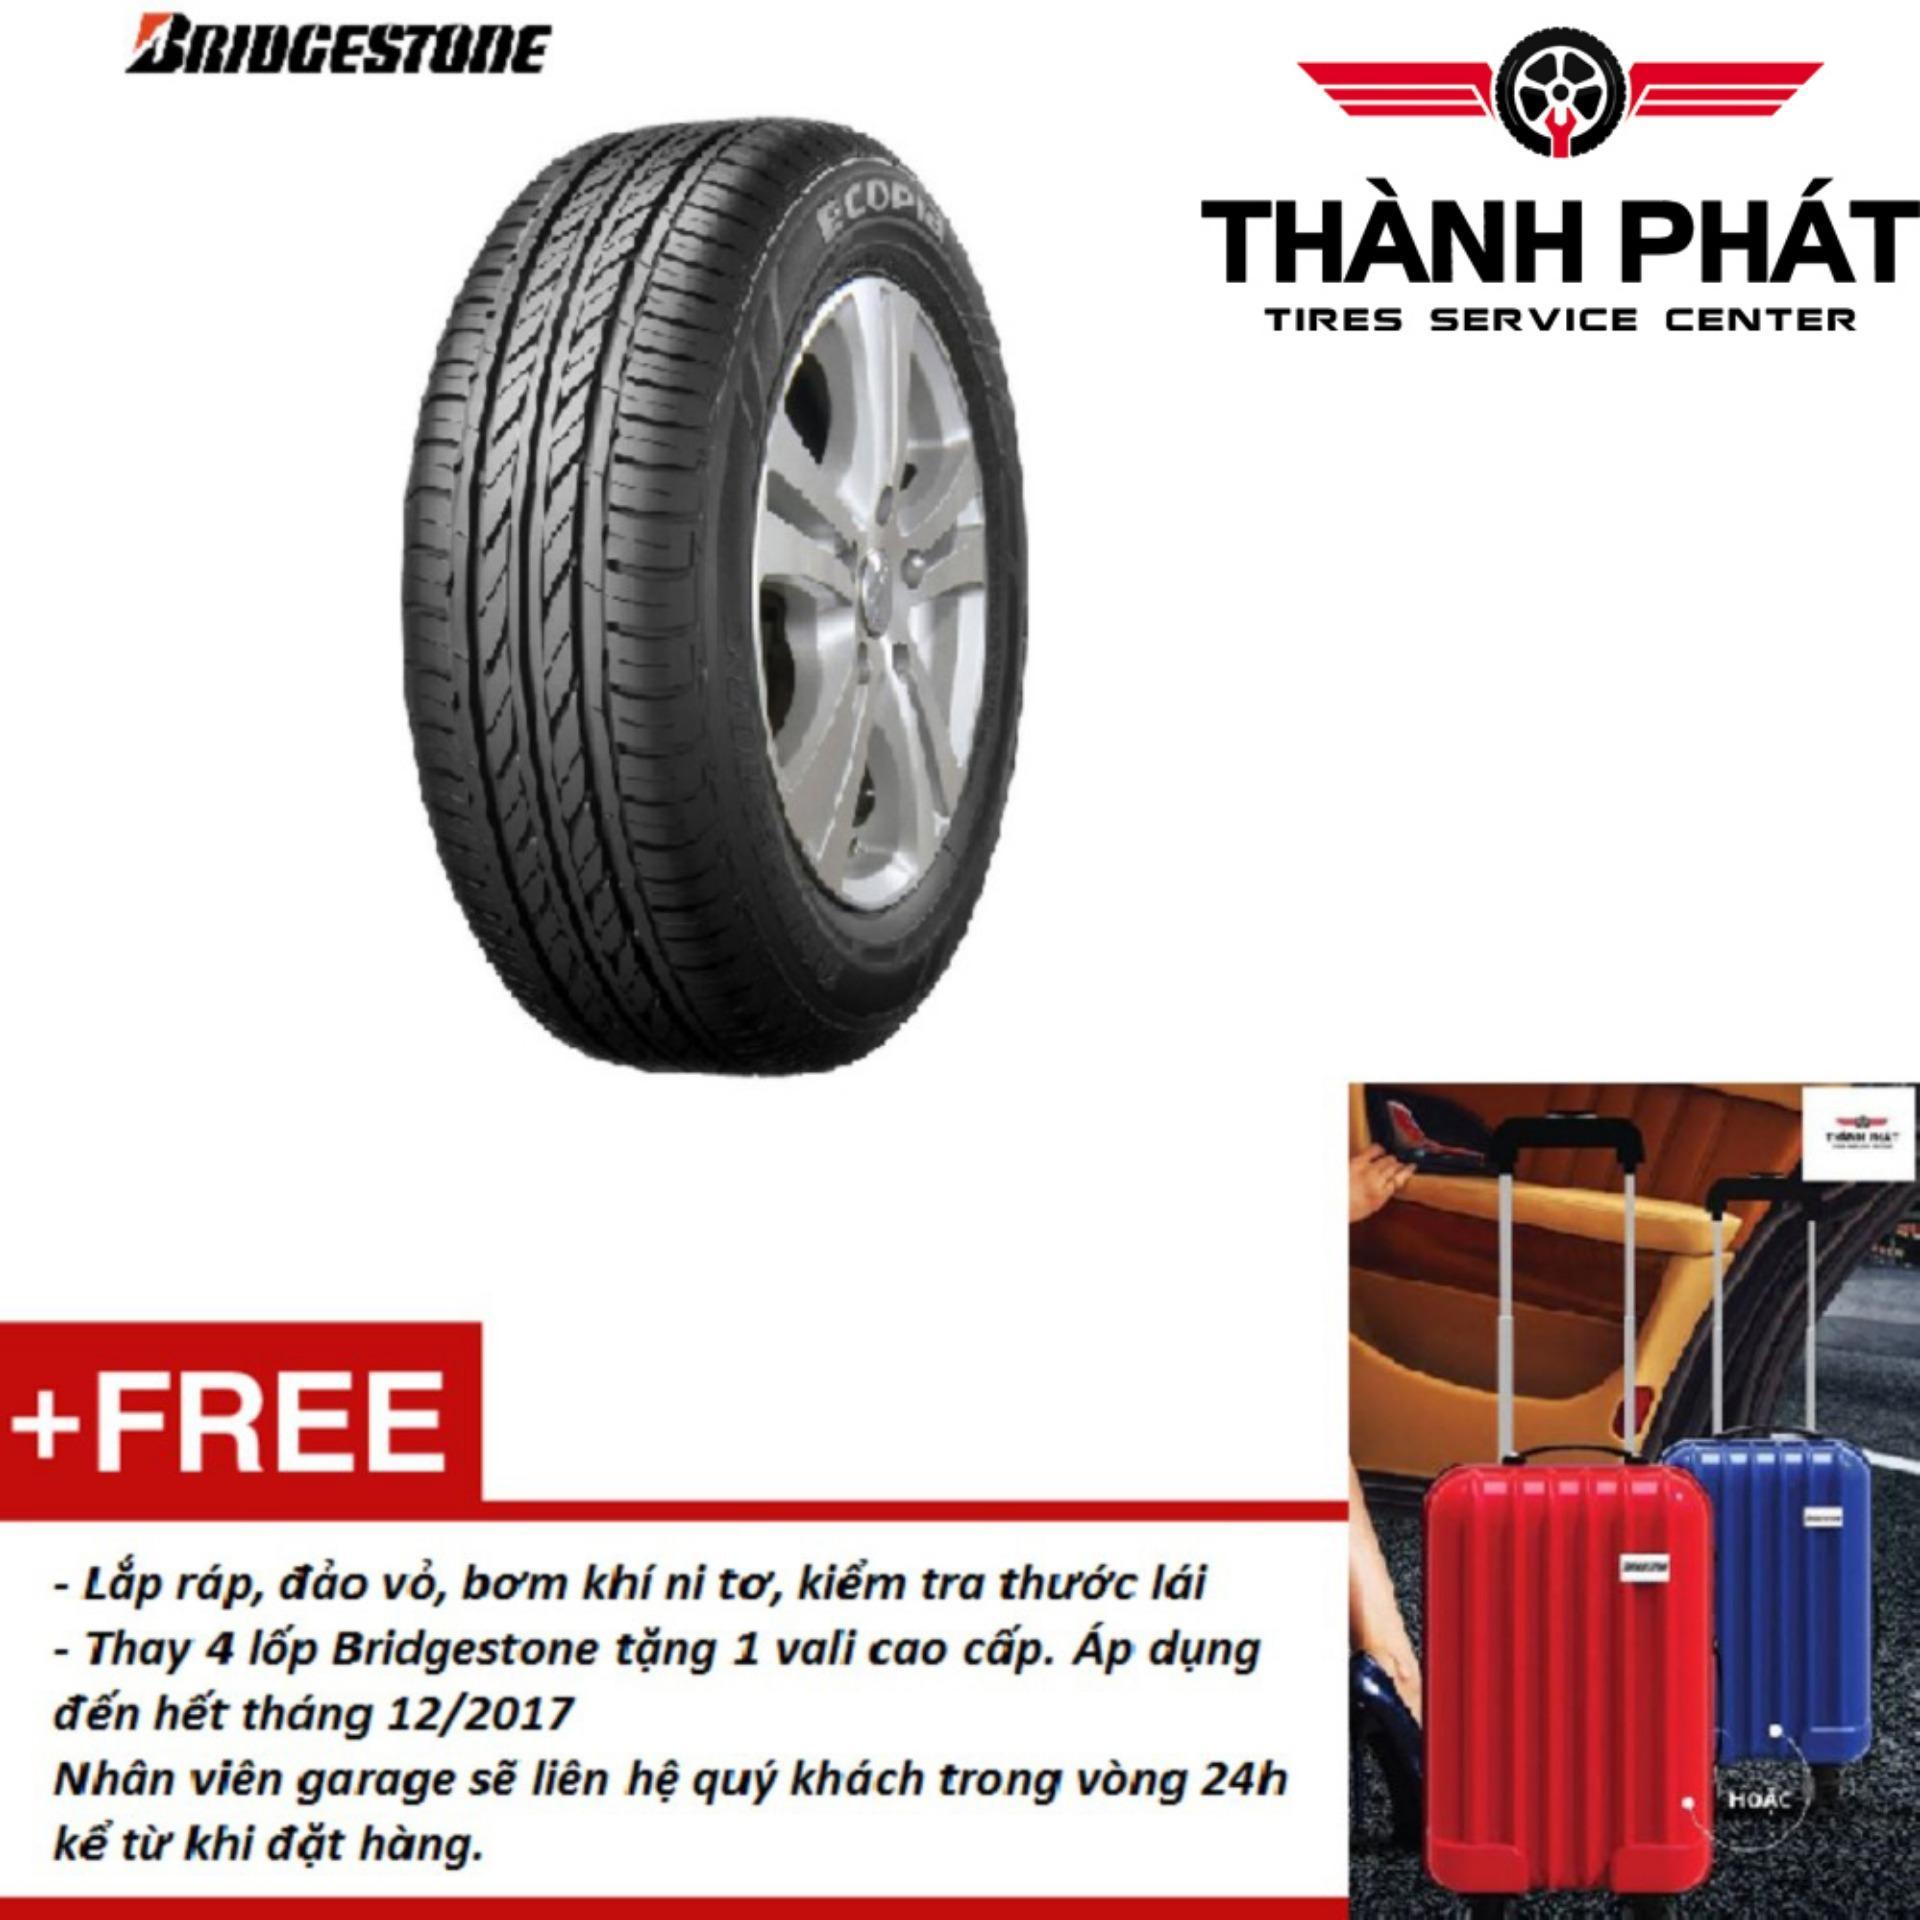 Lốp xe ô tô Bridgestone Ecopia 205/55R16 Miễn phí lắp đặt